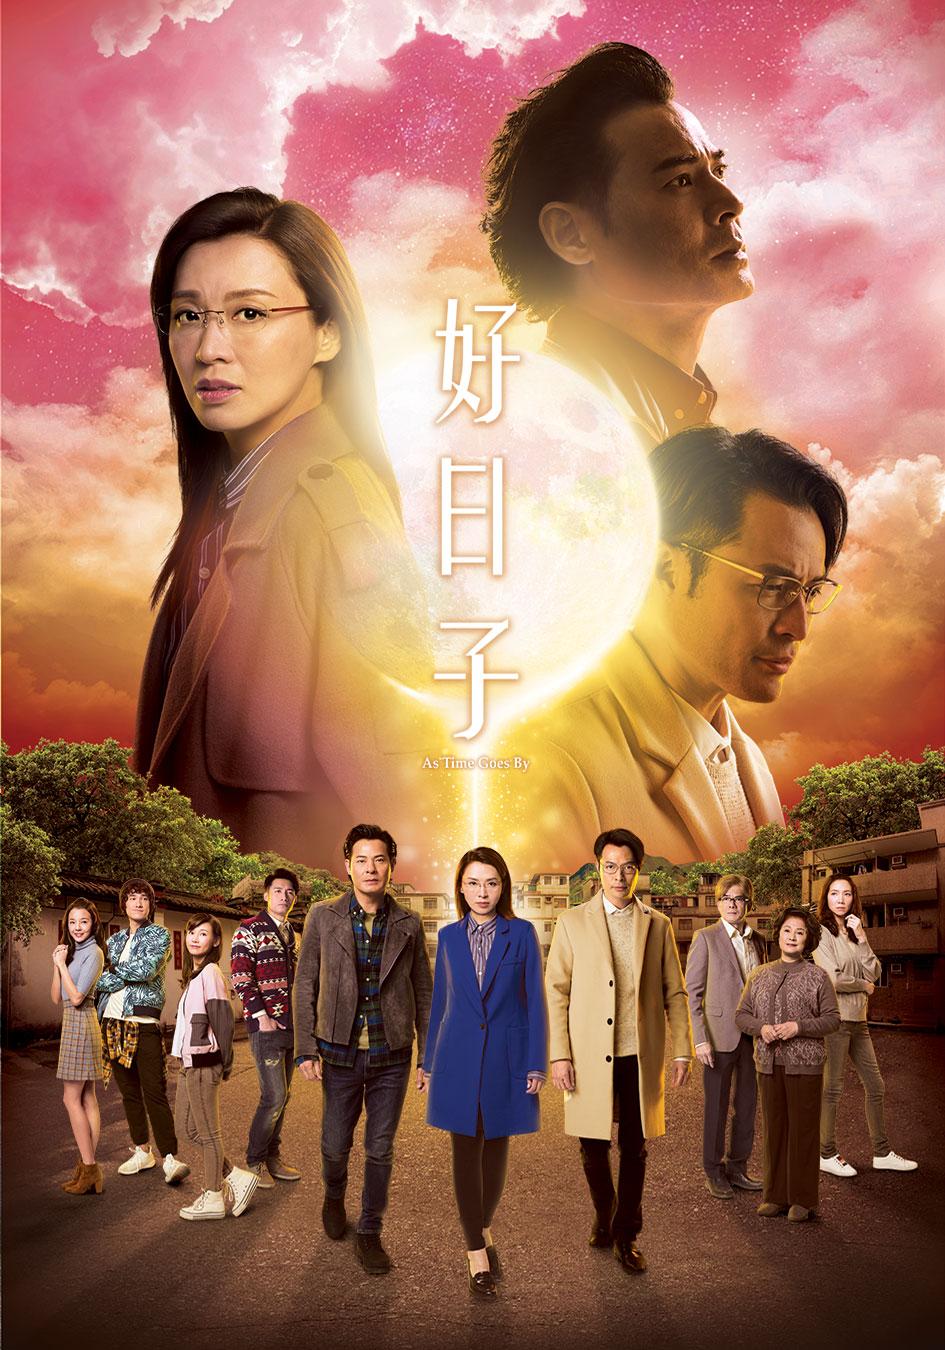 Phim ngày tốt lành Hong Kong